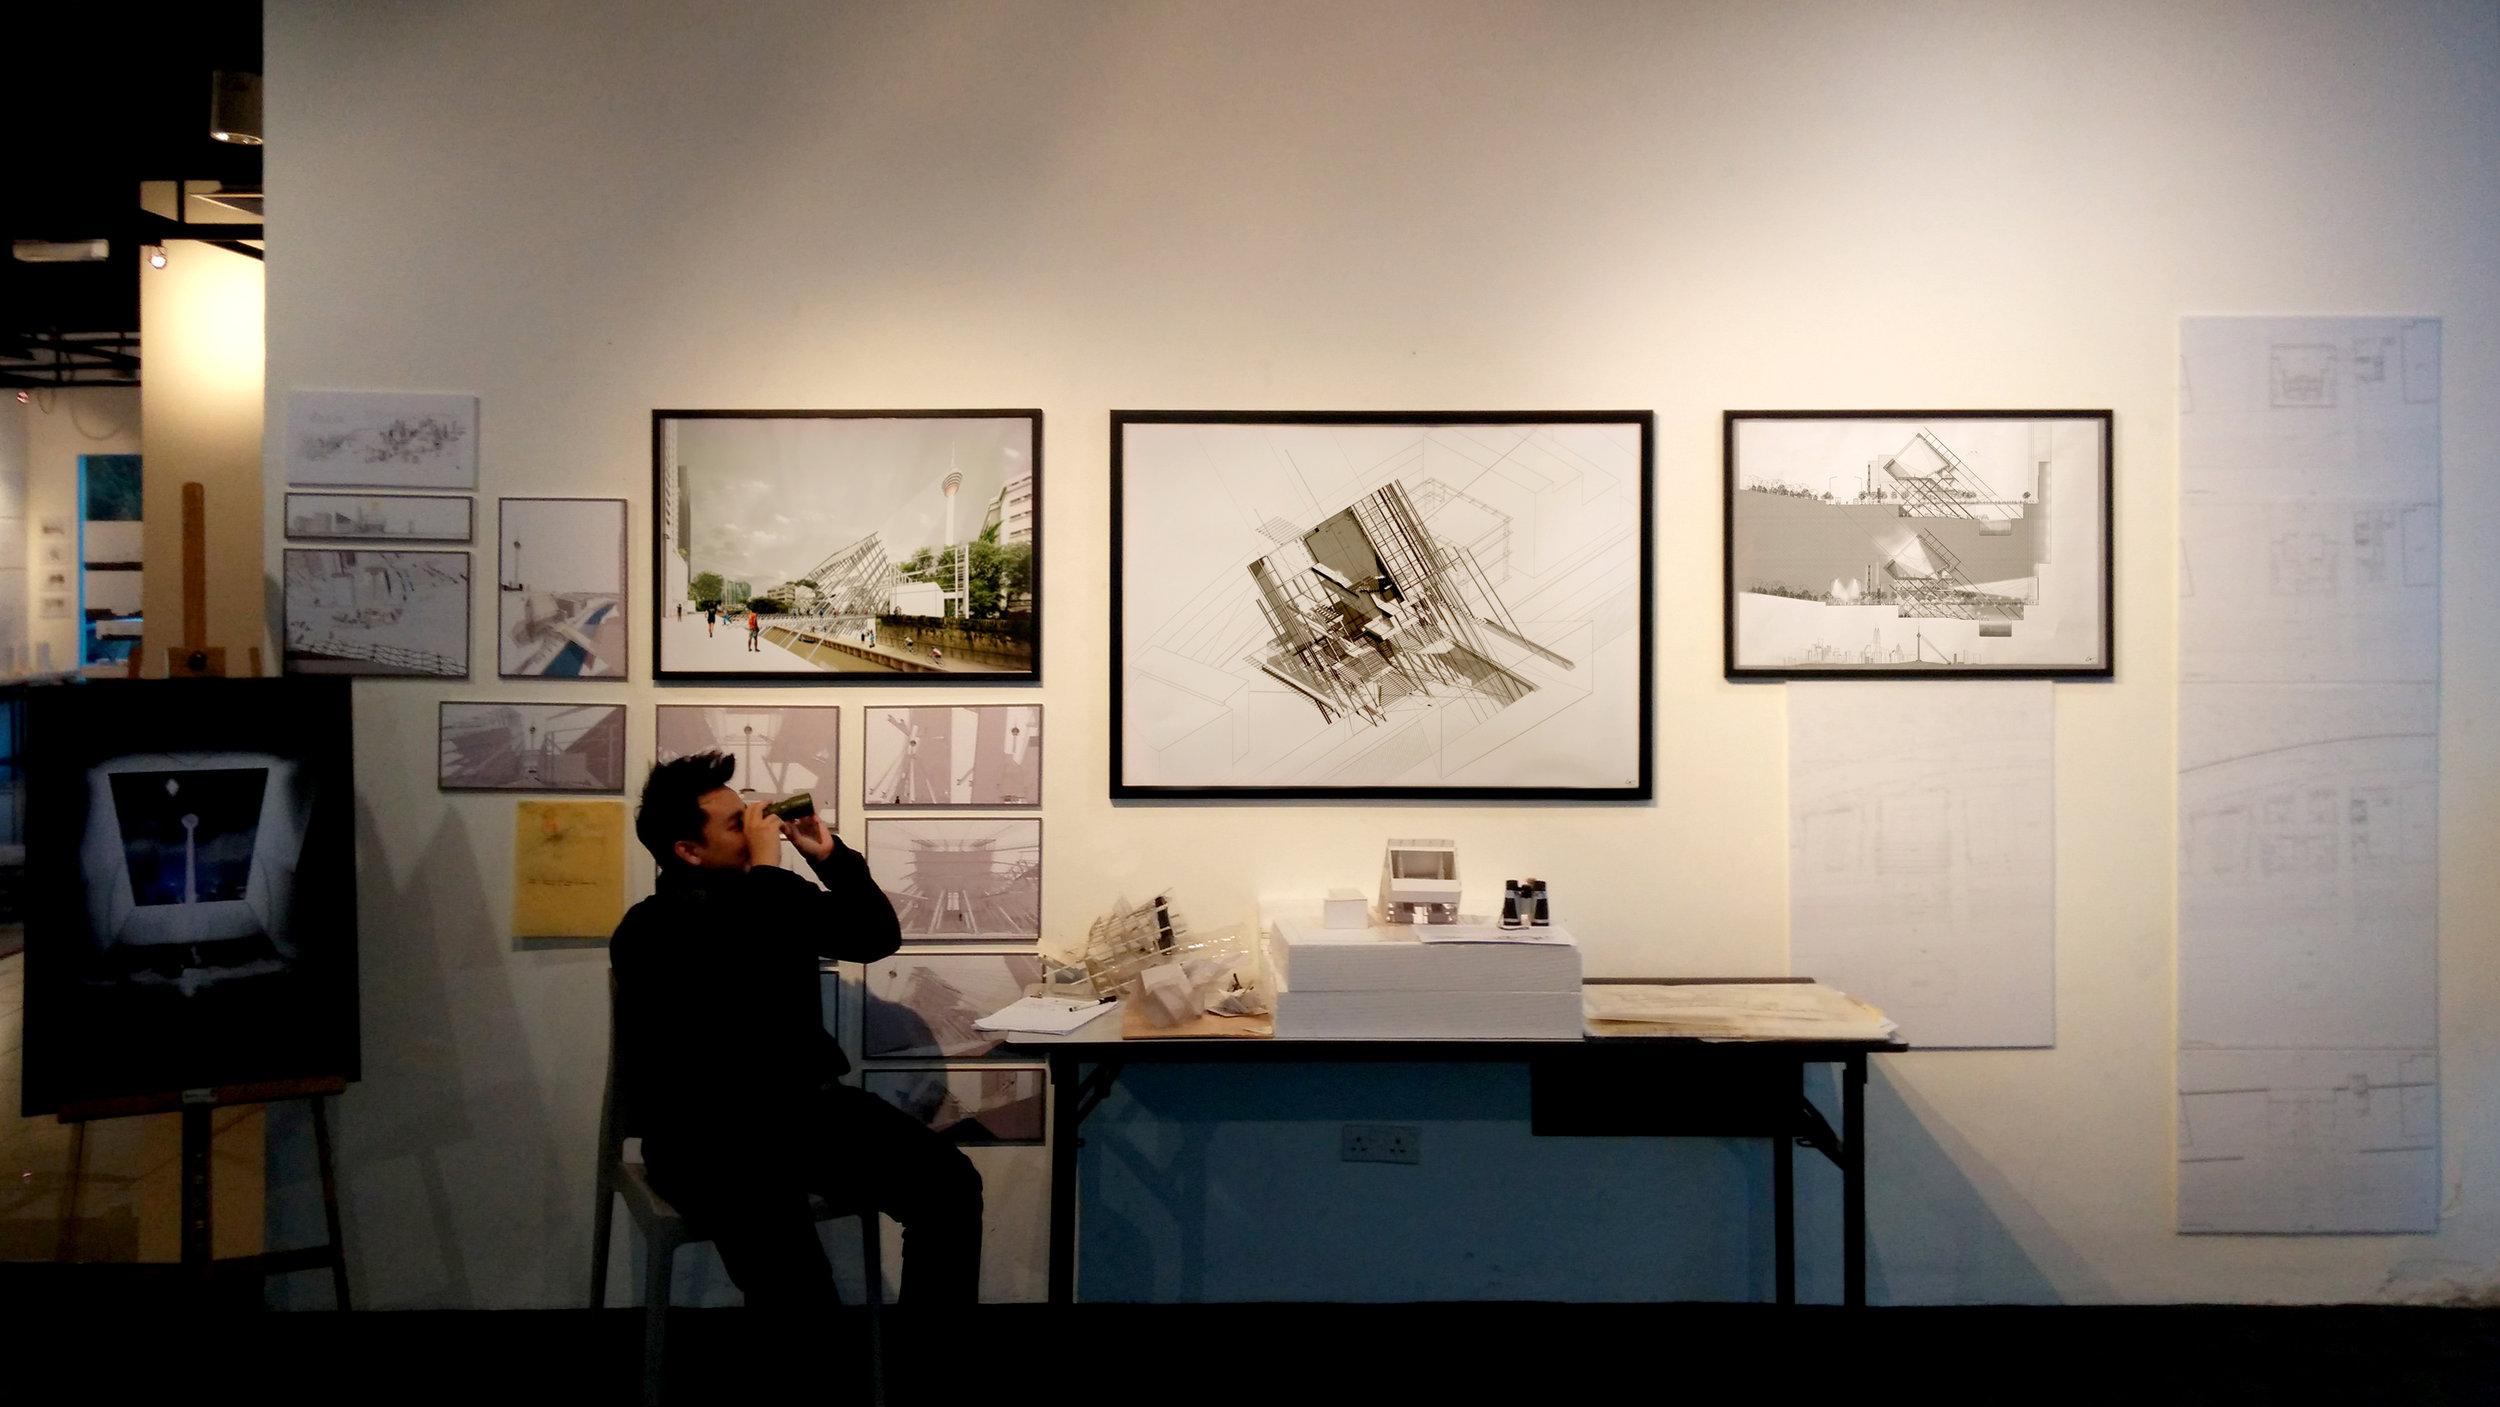 二零一五年標燈建築設計展覽會